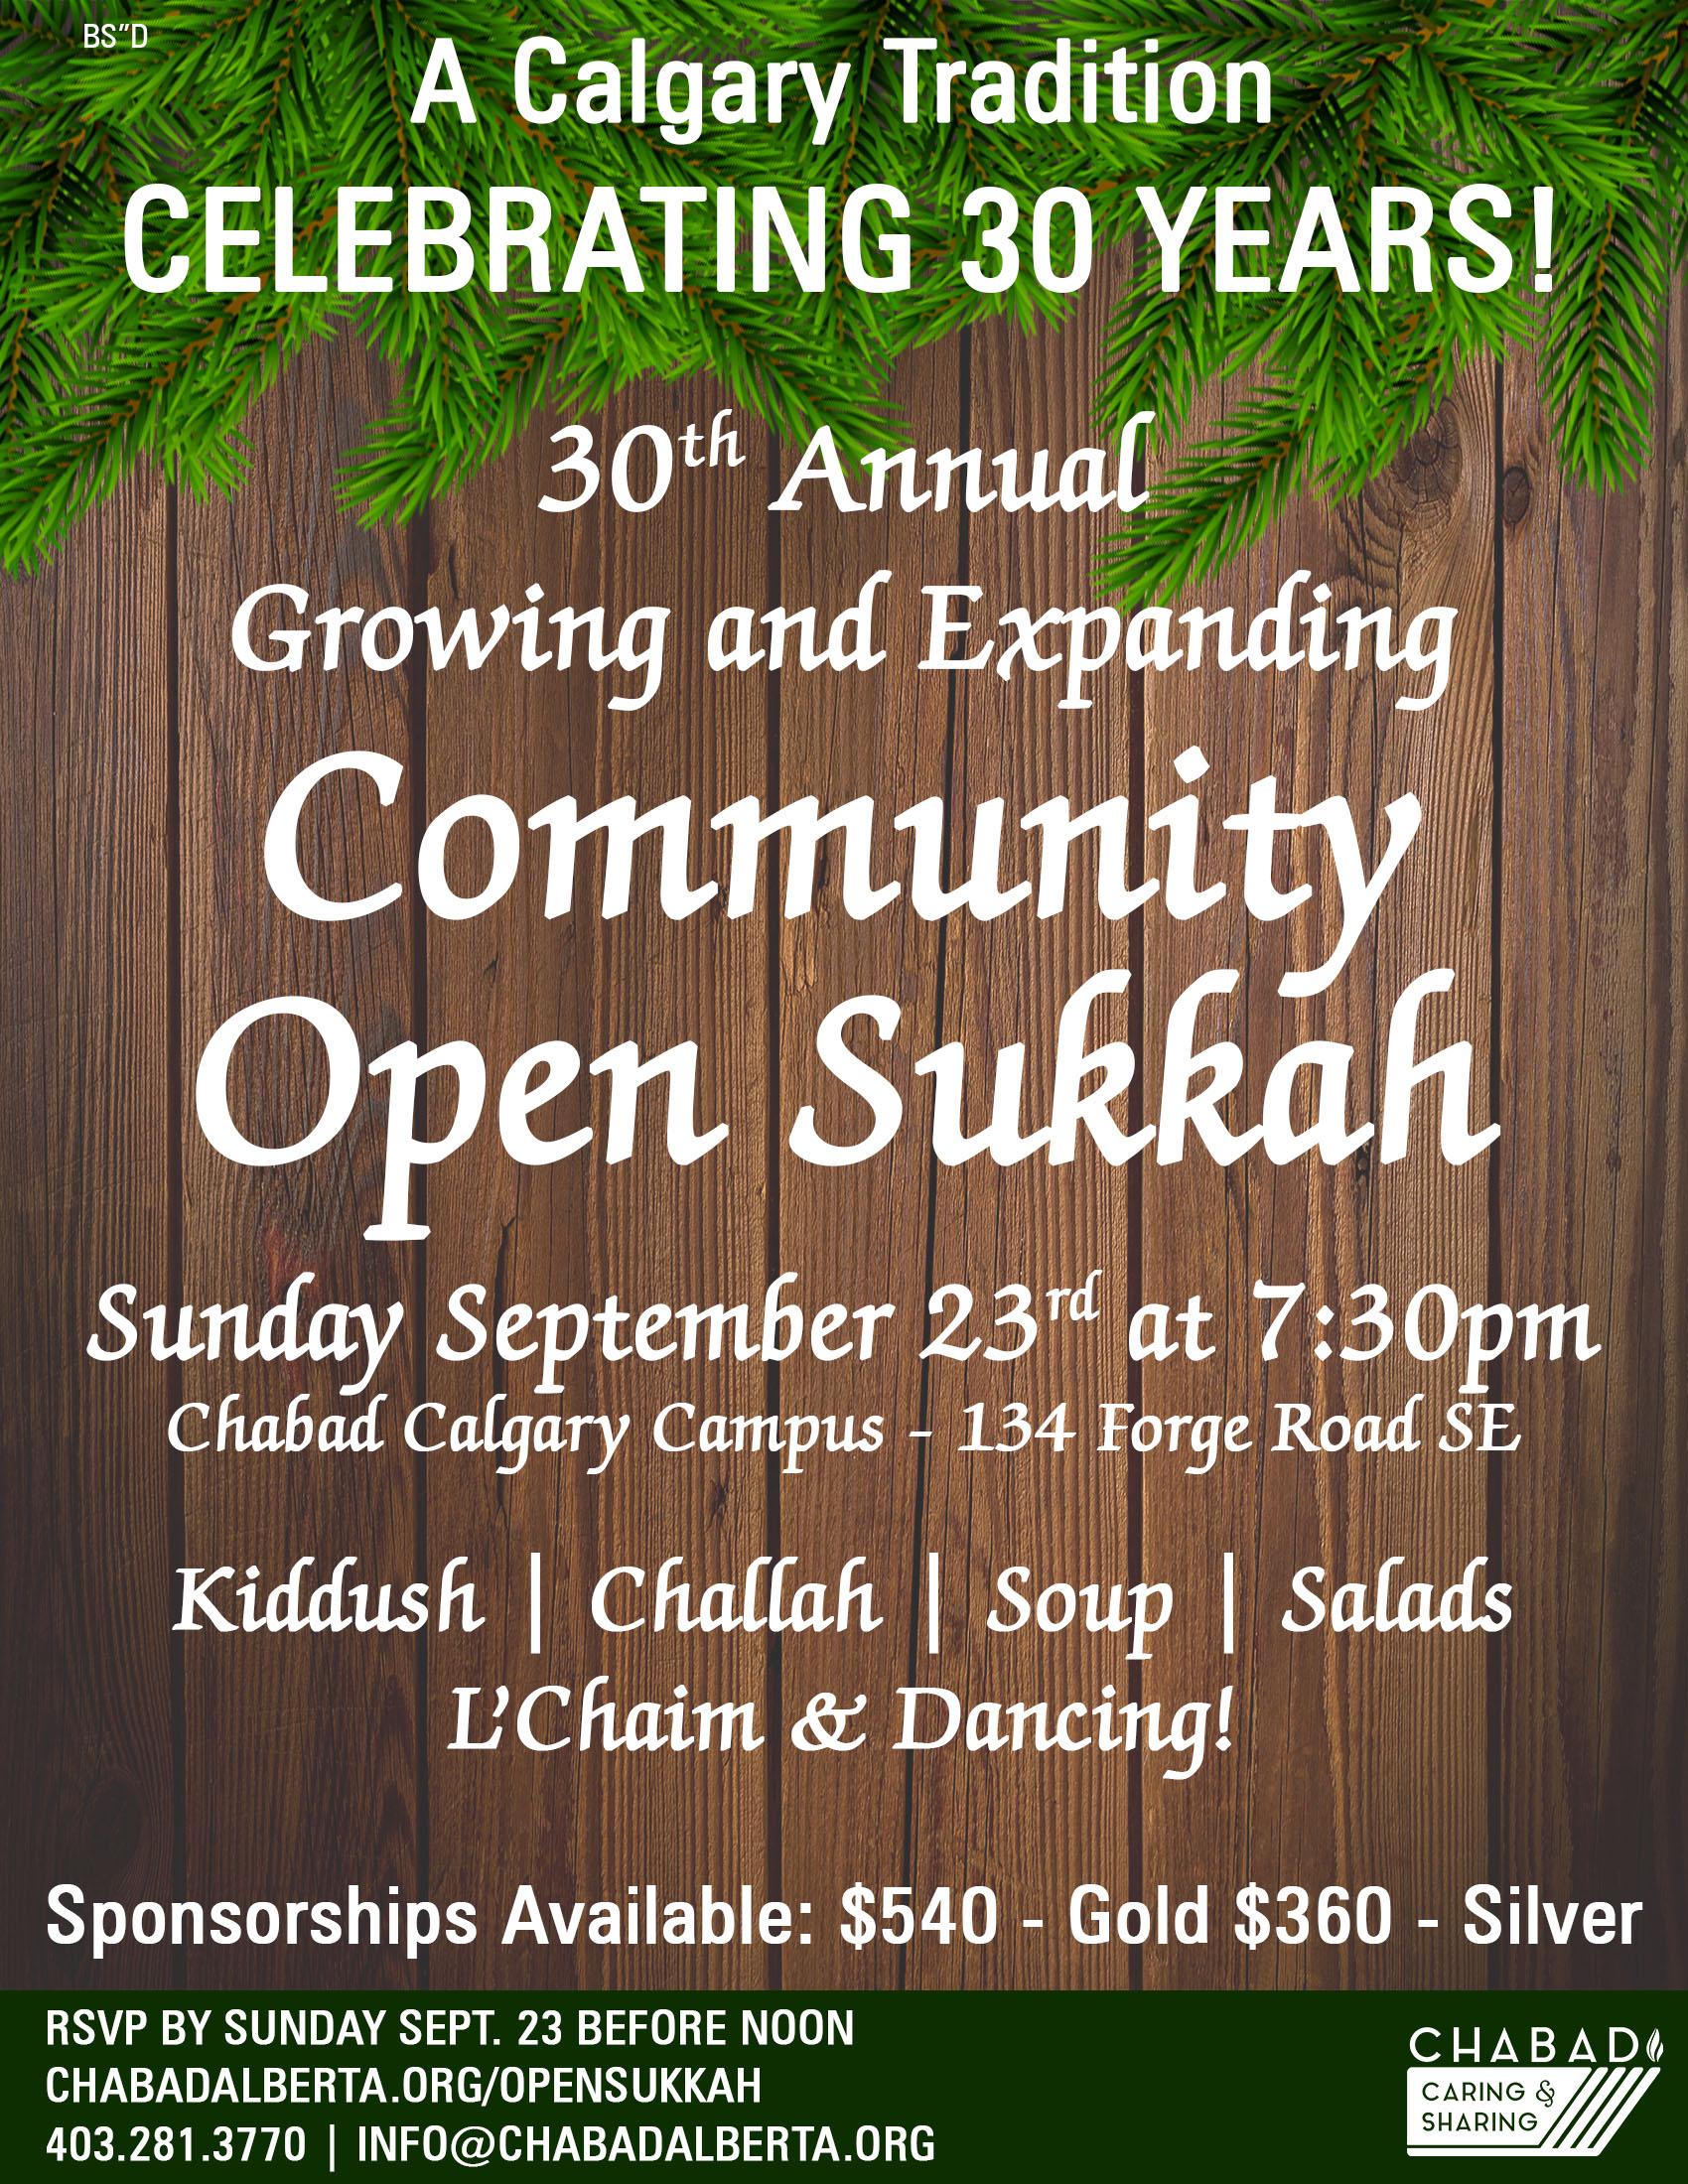 Open Sukkah Flyer WEB.jpg